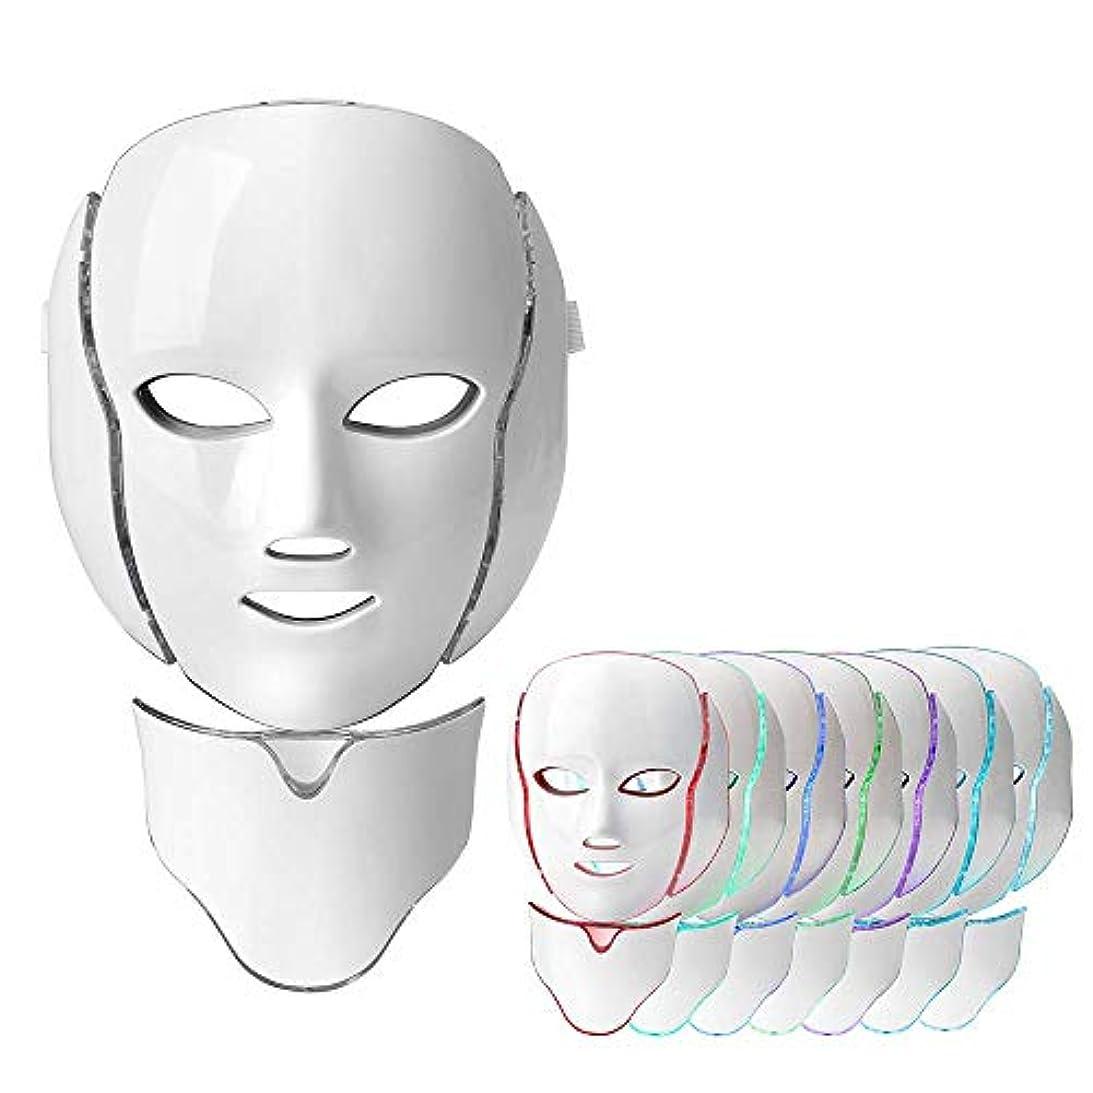 要塞テクトニックオーストラリアフォトンセラピーライトセラピーフェイスマスク、マイクロカレント7色ニキビ治療Ledフォトンマスクフェイシャルスキンケアアンチエイジングキット